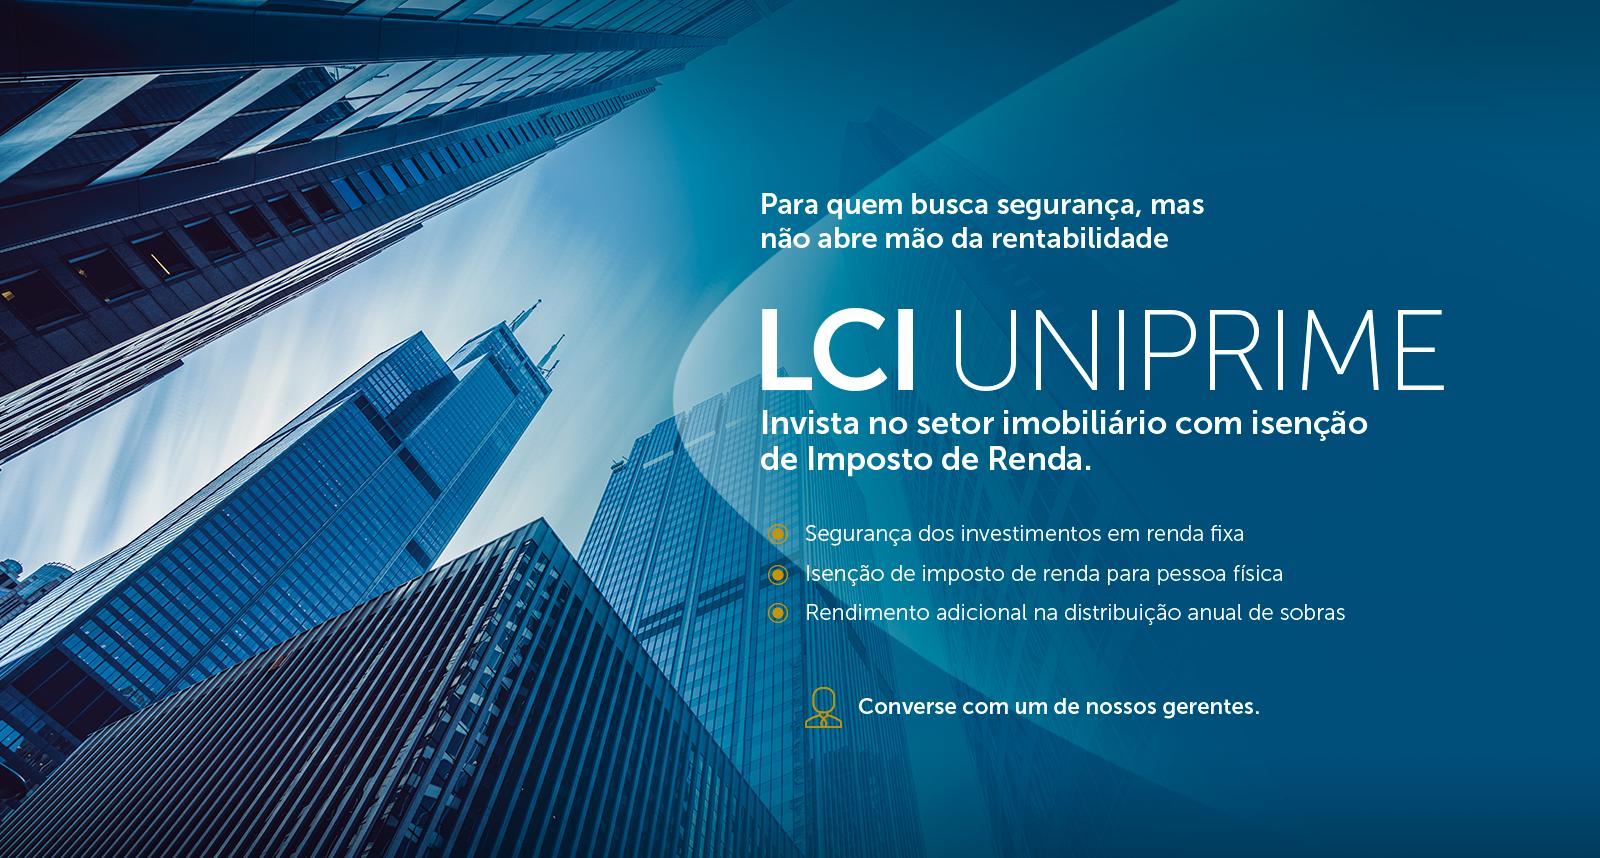 LCI Uniprime